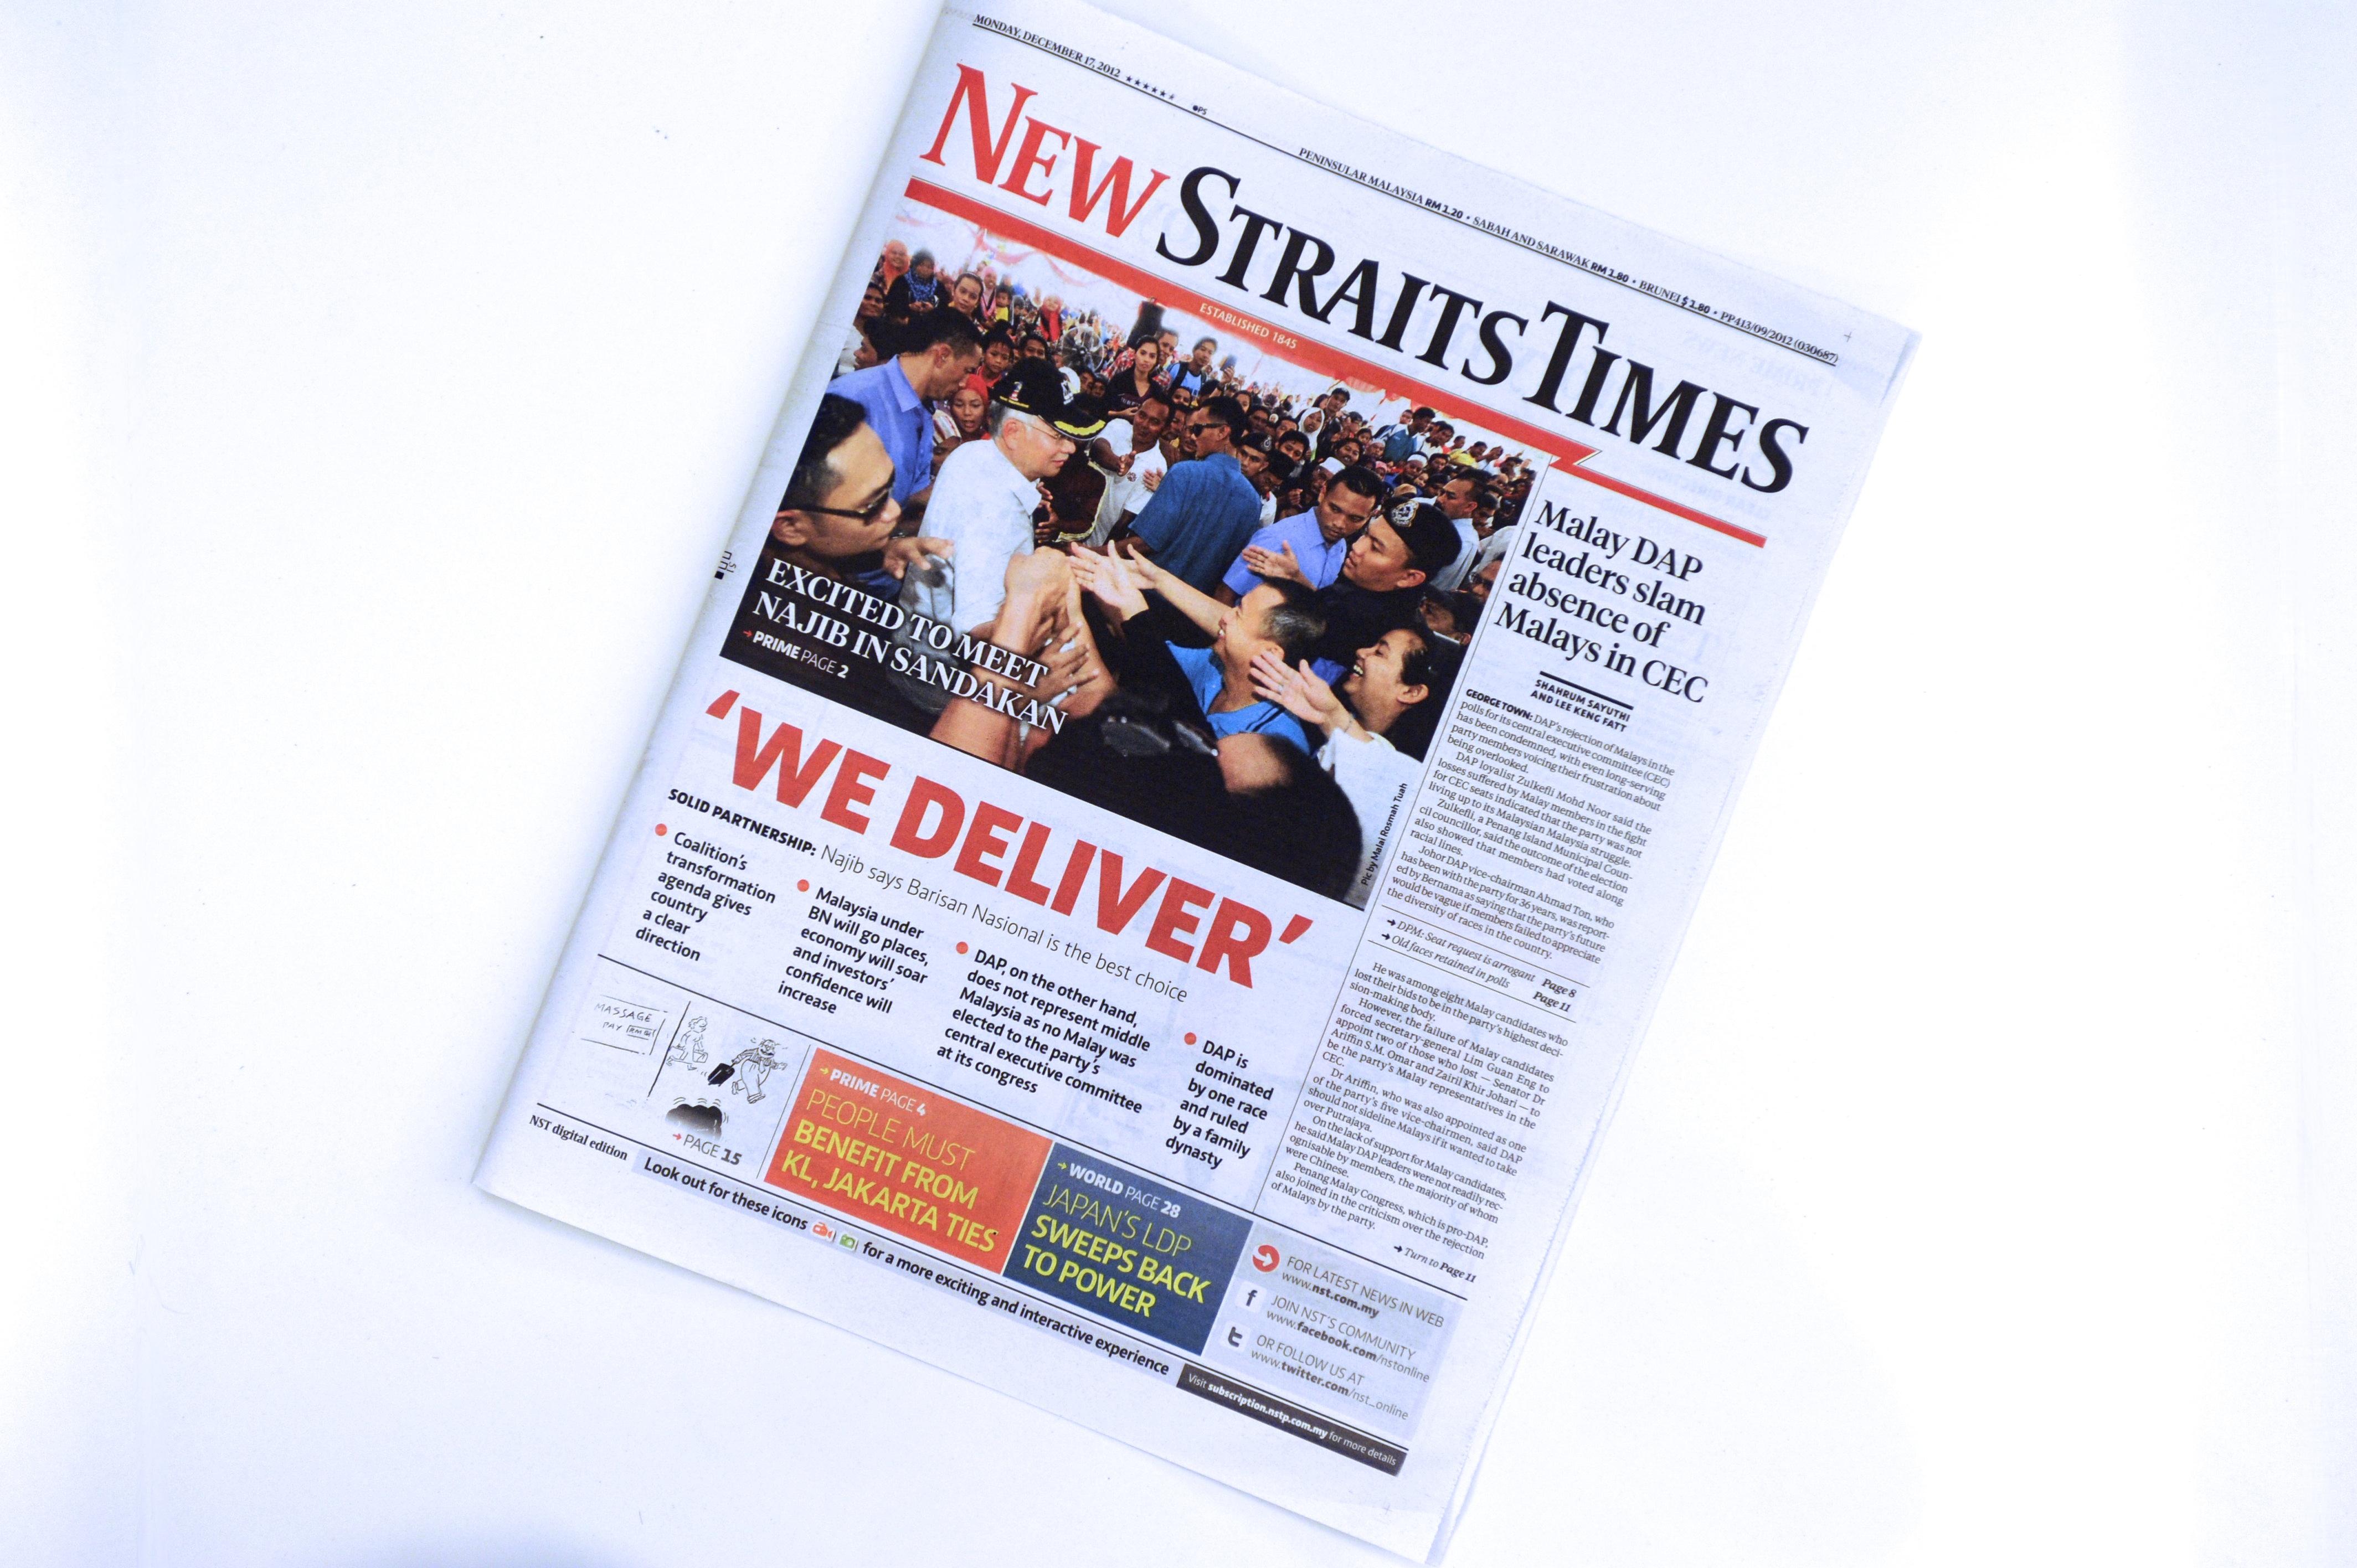 New Straits Timesโดย NST 11.09.21.pdf - อ่านอีบุ๊คที่อุ๊คบี